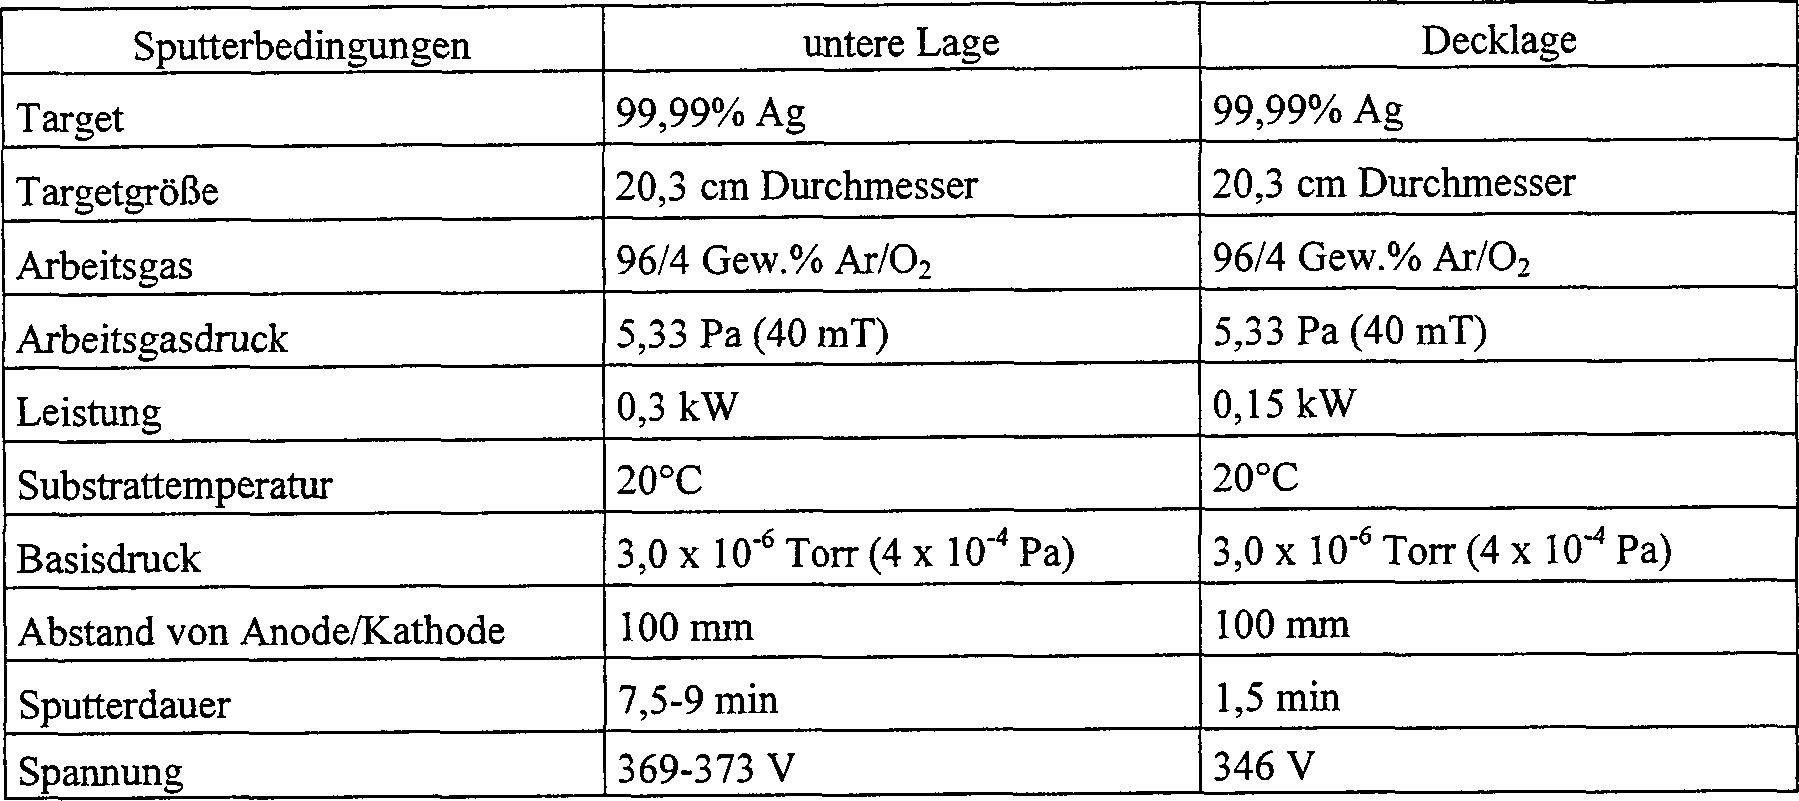 DE60210441T2 - Arzneimittel oder pflaster enthaltend ein metall wie ...